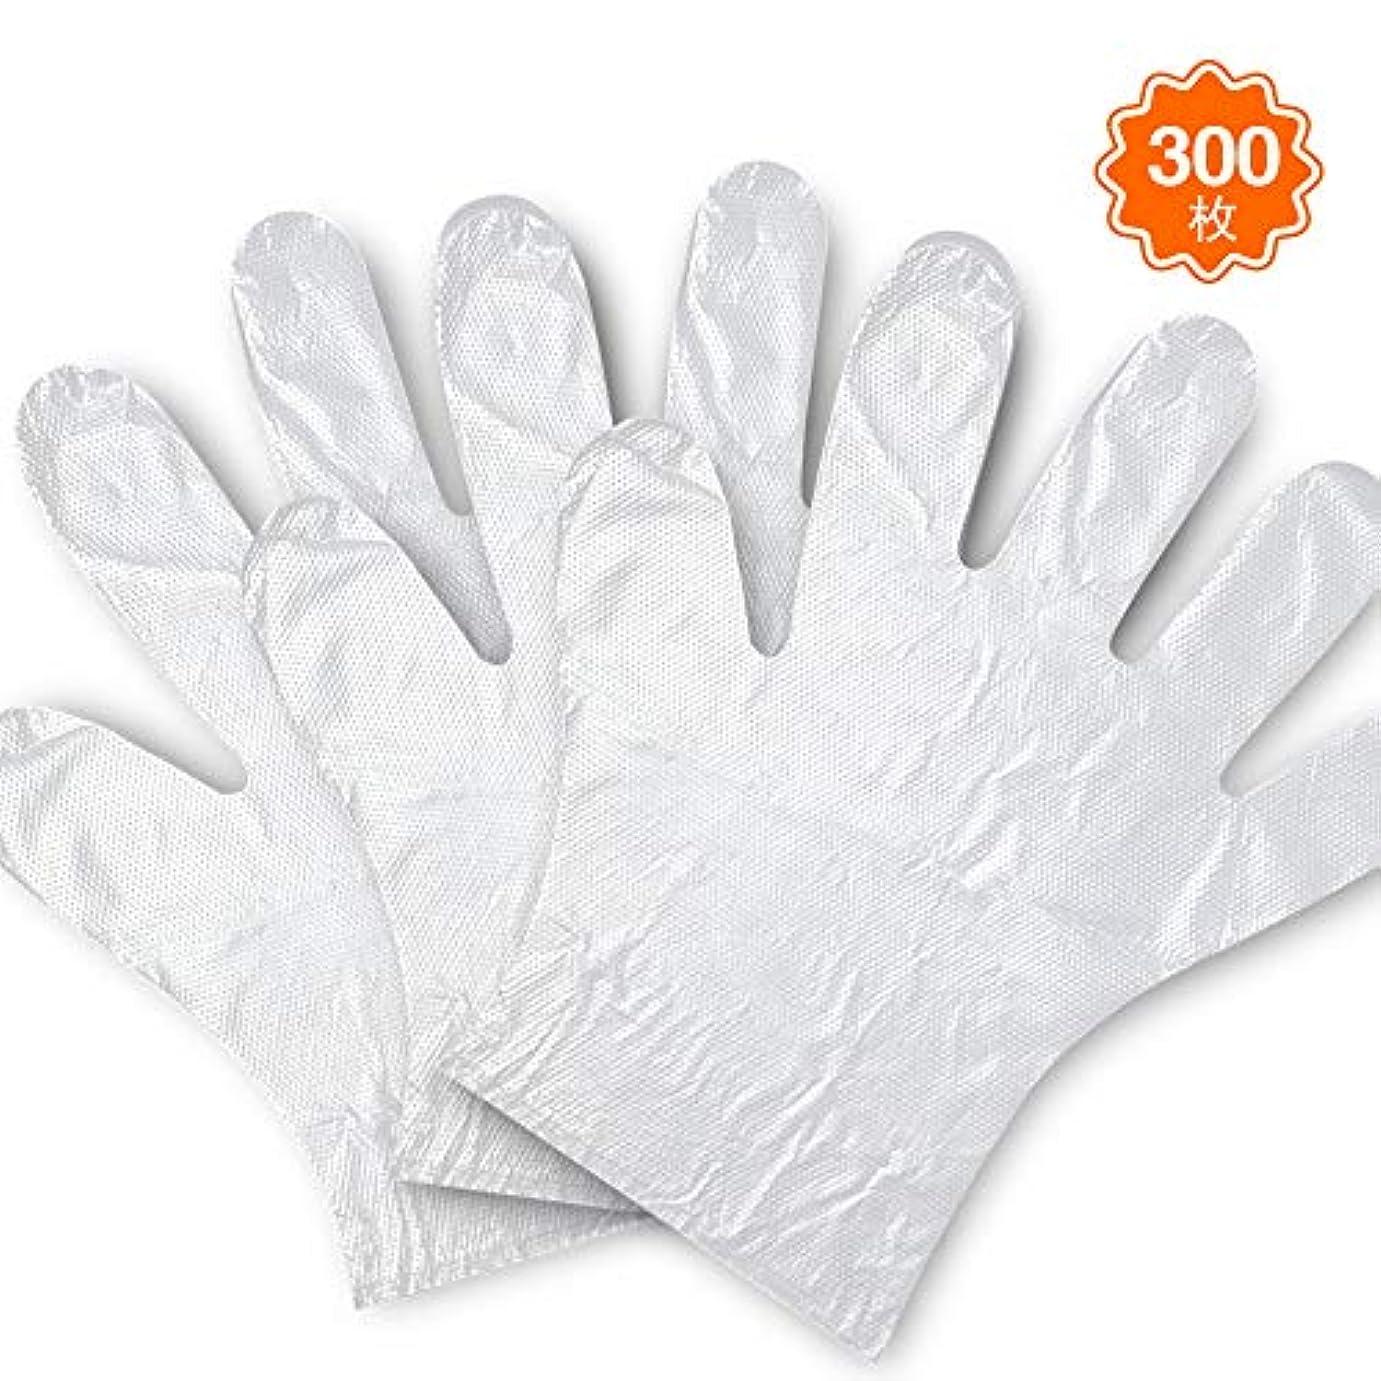 地域キャメル愛されし者FanDaMei 使い捨てポリ手袋 300枚 使いきり手袋 ポリエチレン 使い捨て手袋 極薄手袋 調理に?お掃除に?毛染めに 食品衛生法適合